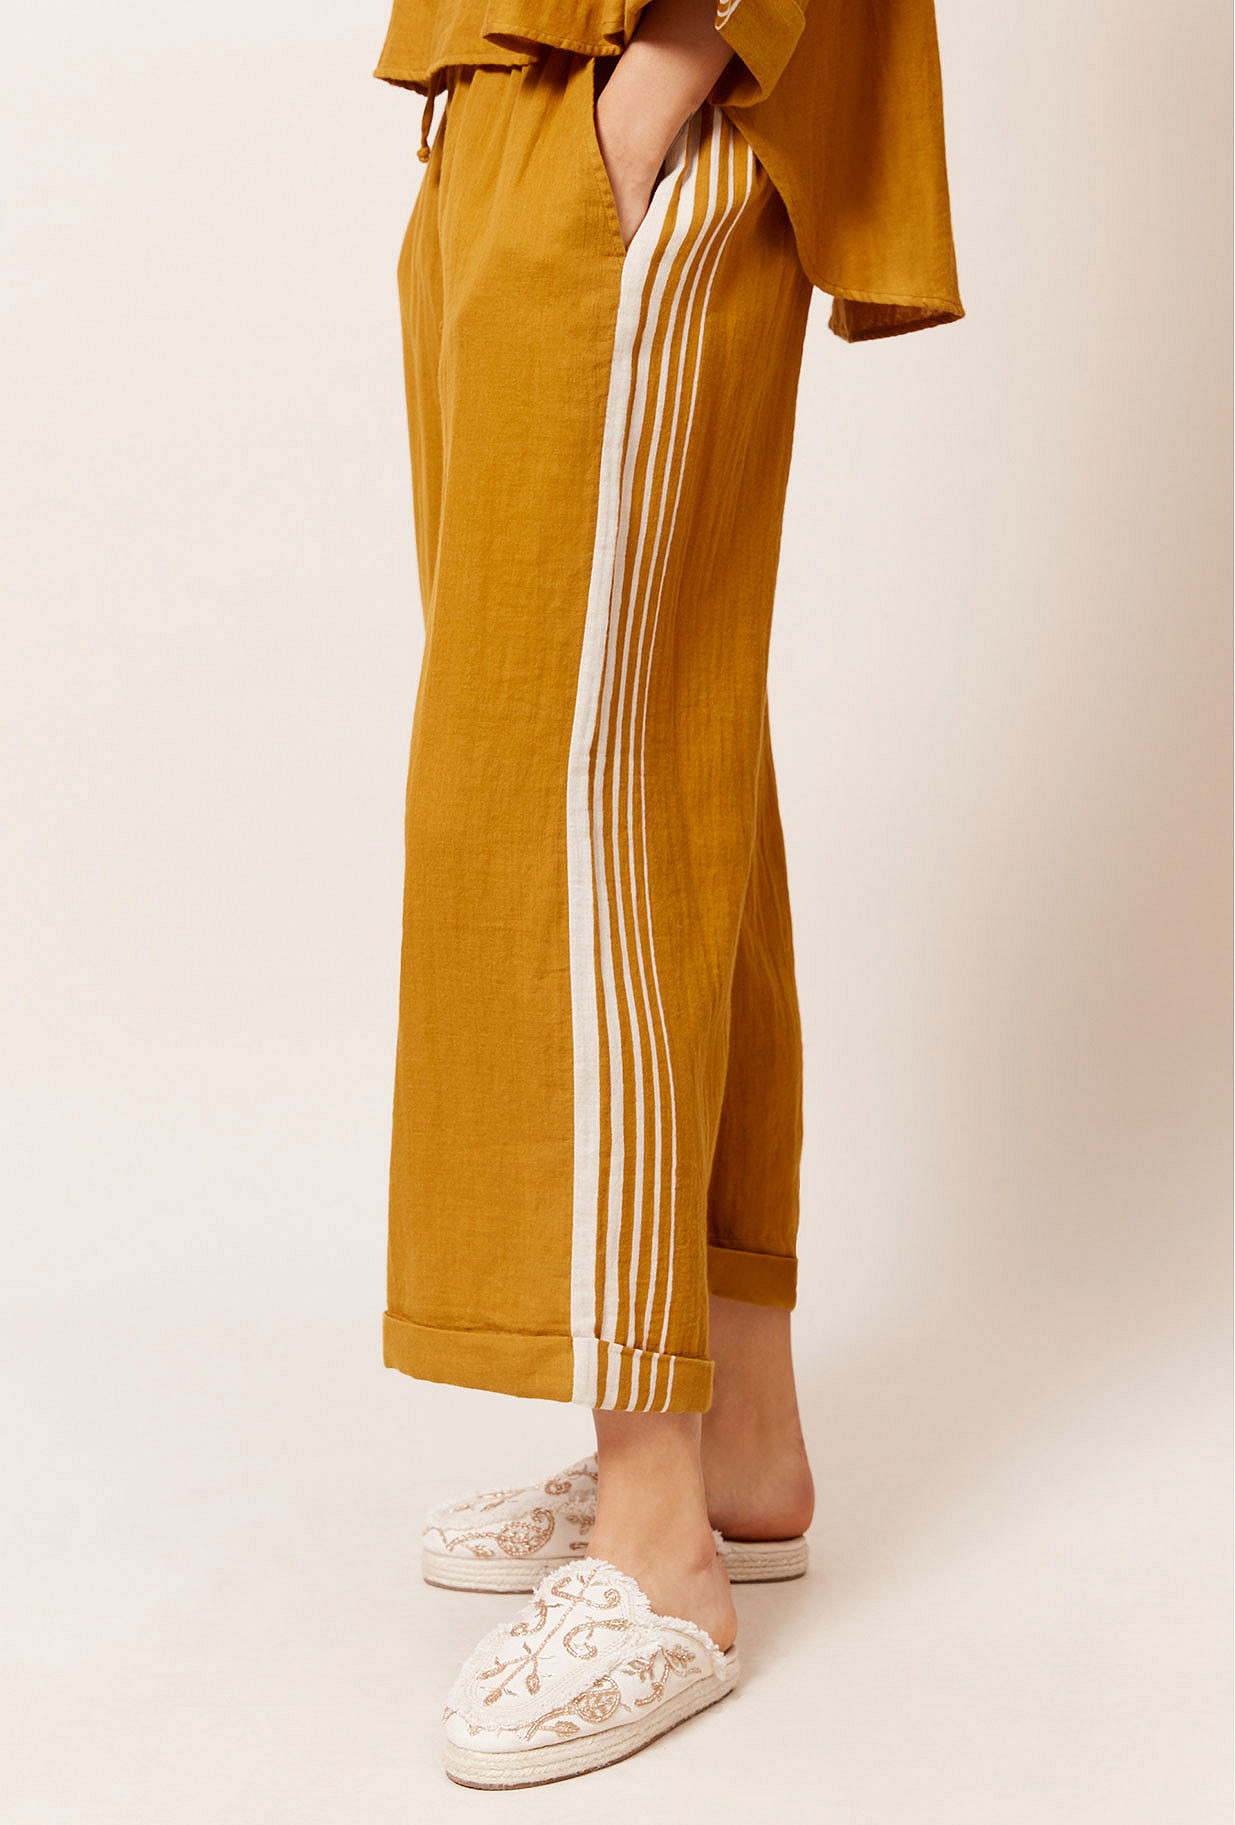 Paris boutique de mode vêtement Pantalon créateur bohème  Adidaney